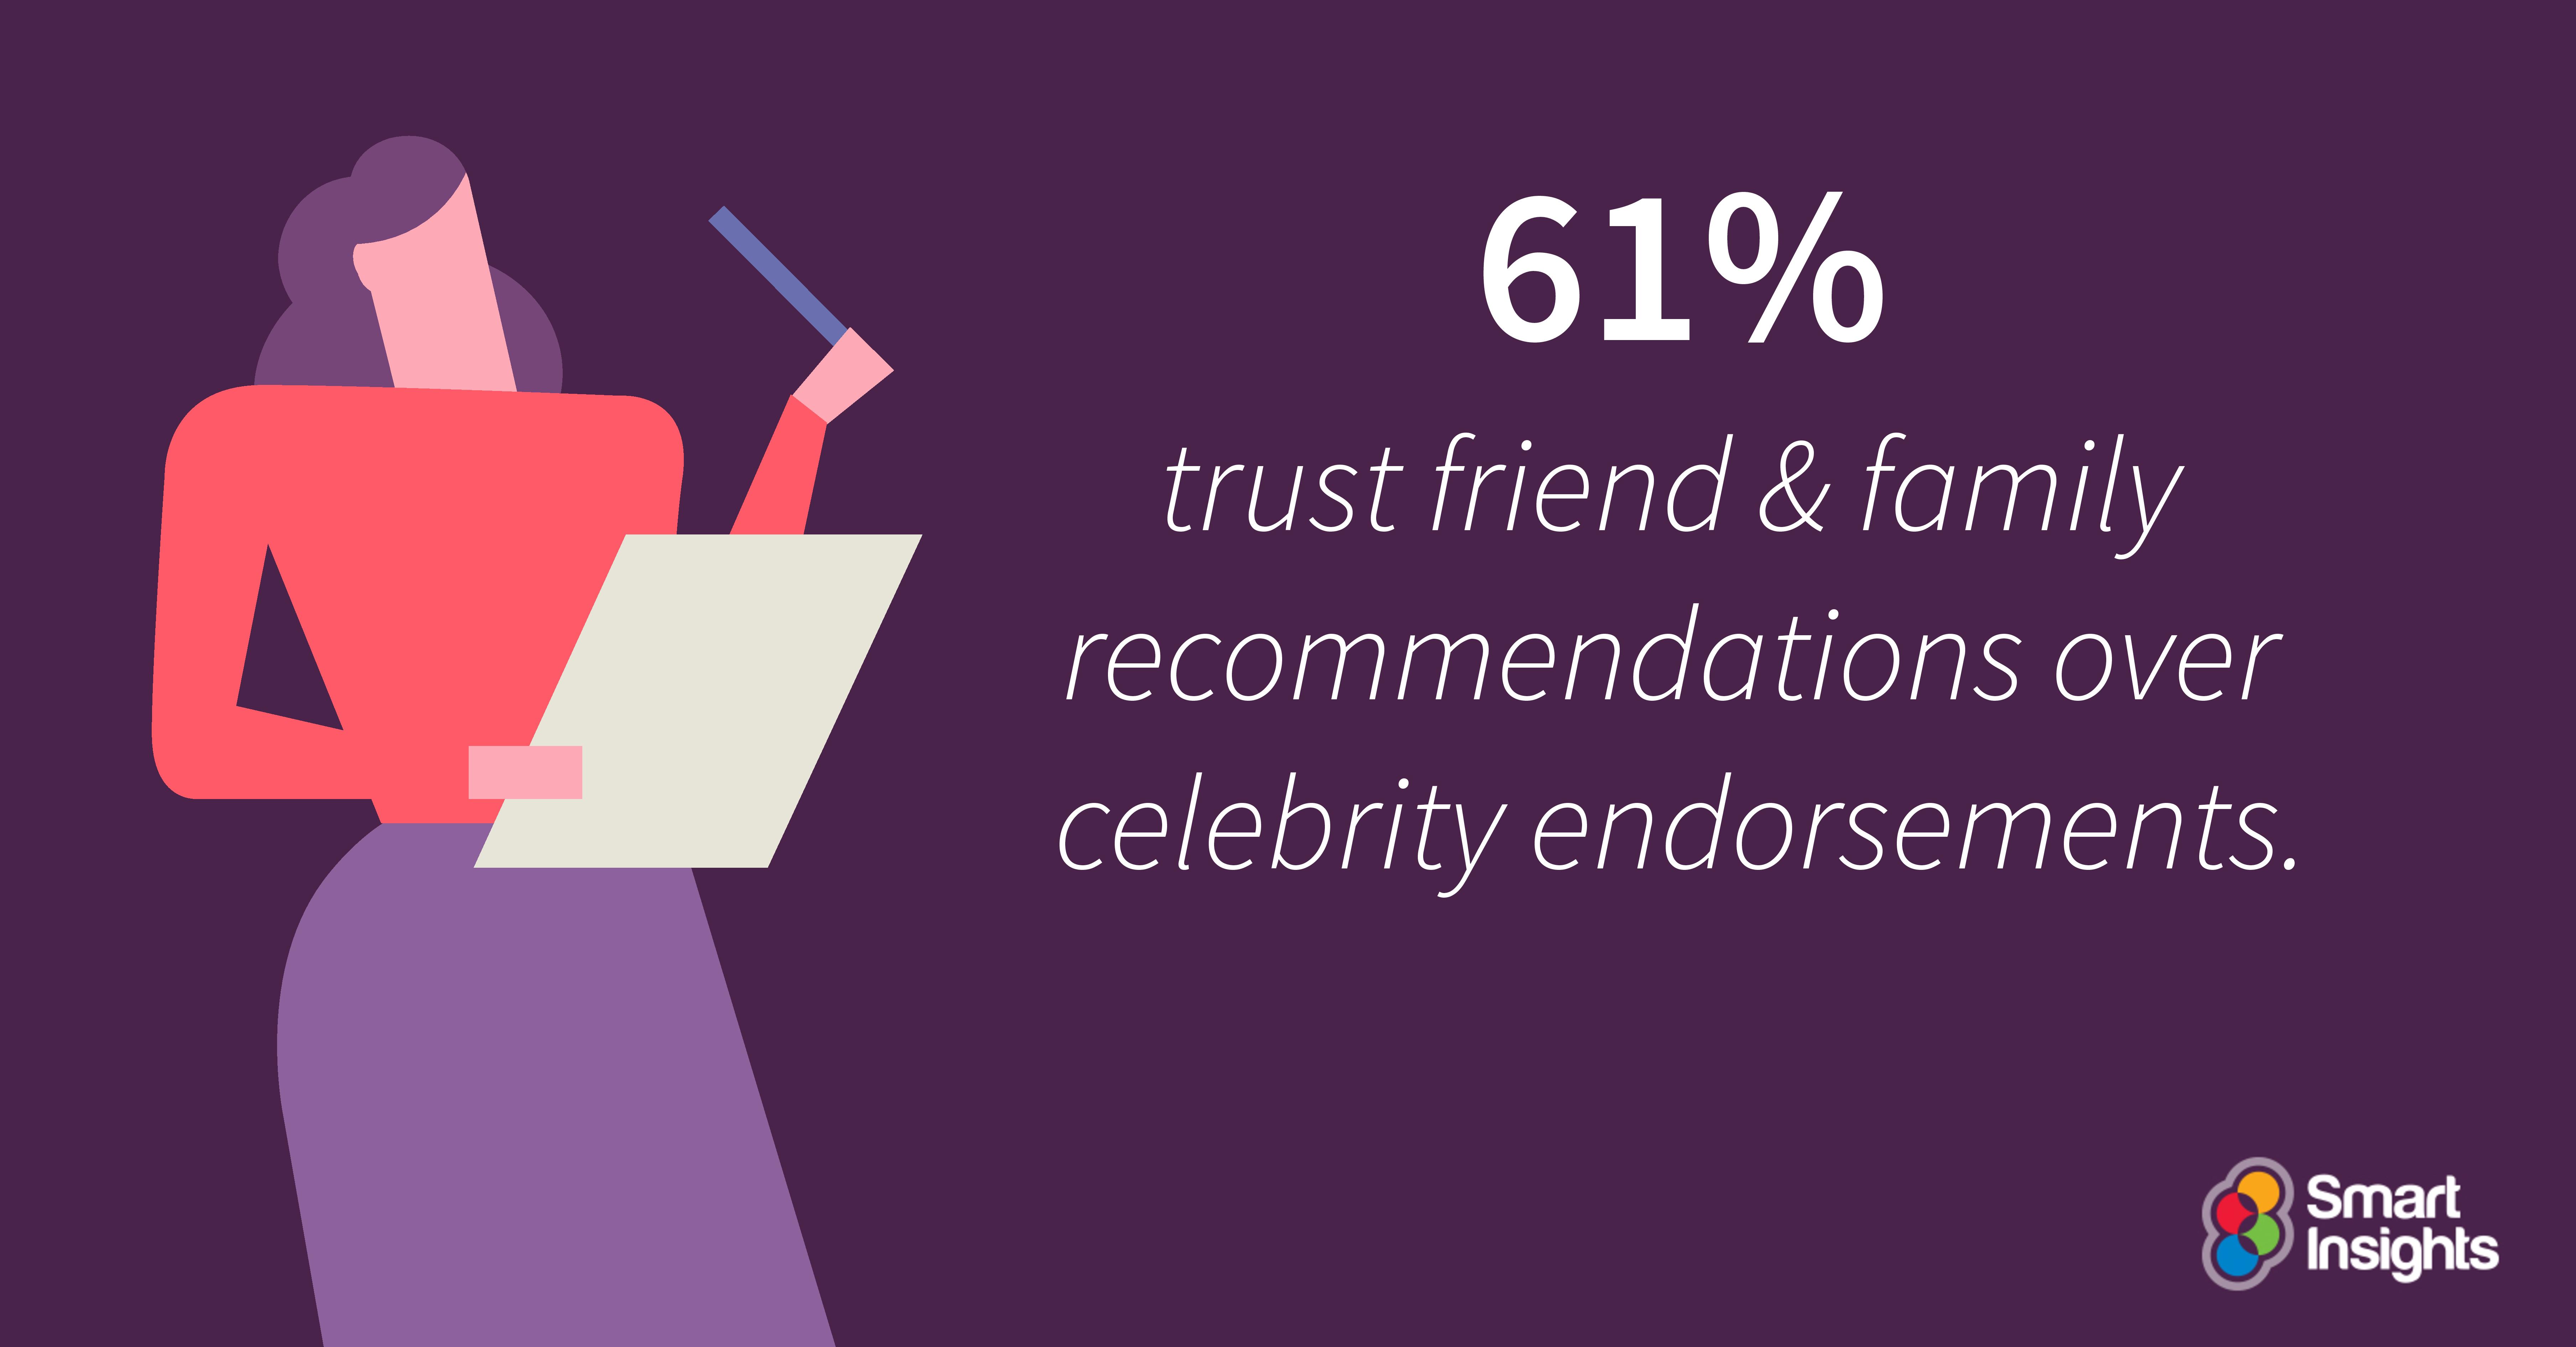 Il 61% si fida delle raccomandazioni di amici e familiari rispetto alle specializzazioni di celebrità